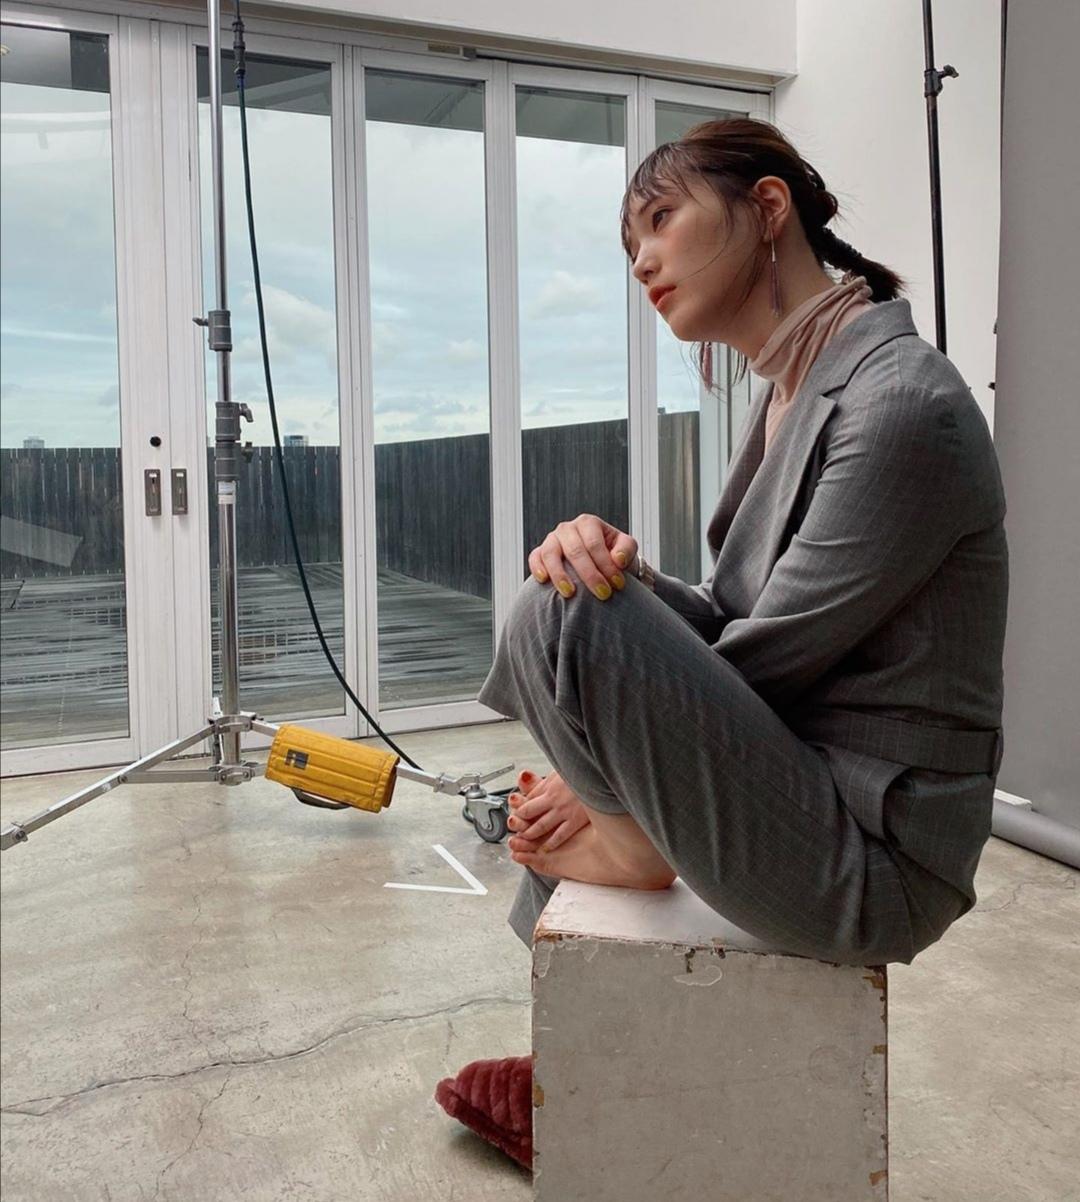 【画像】本田翼ちゃん、足の指が…これじゃぁ舐められないじゃん…